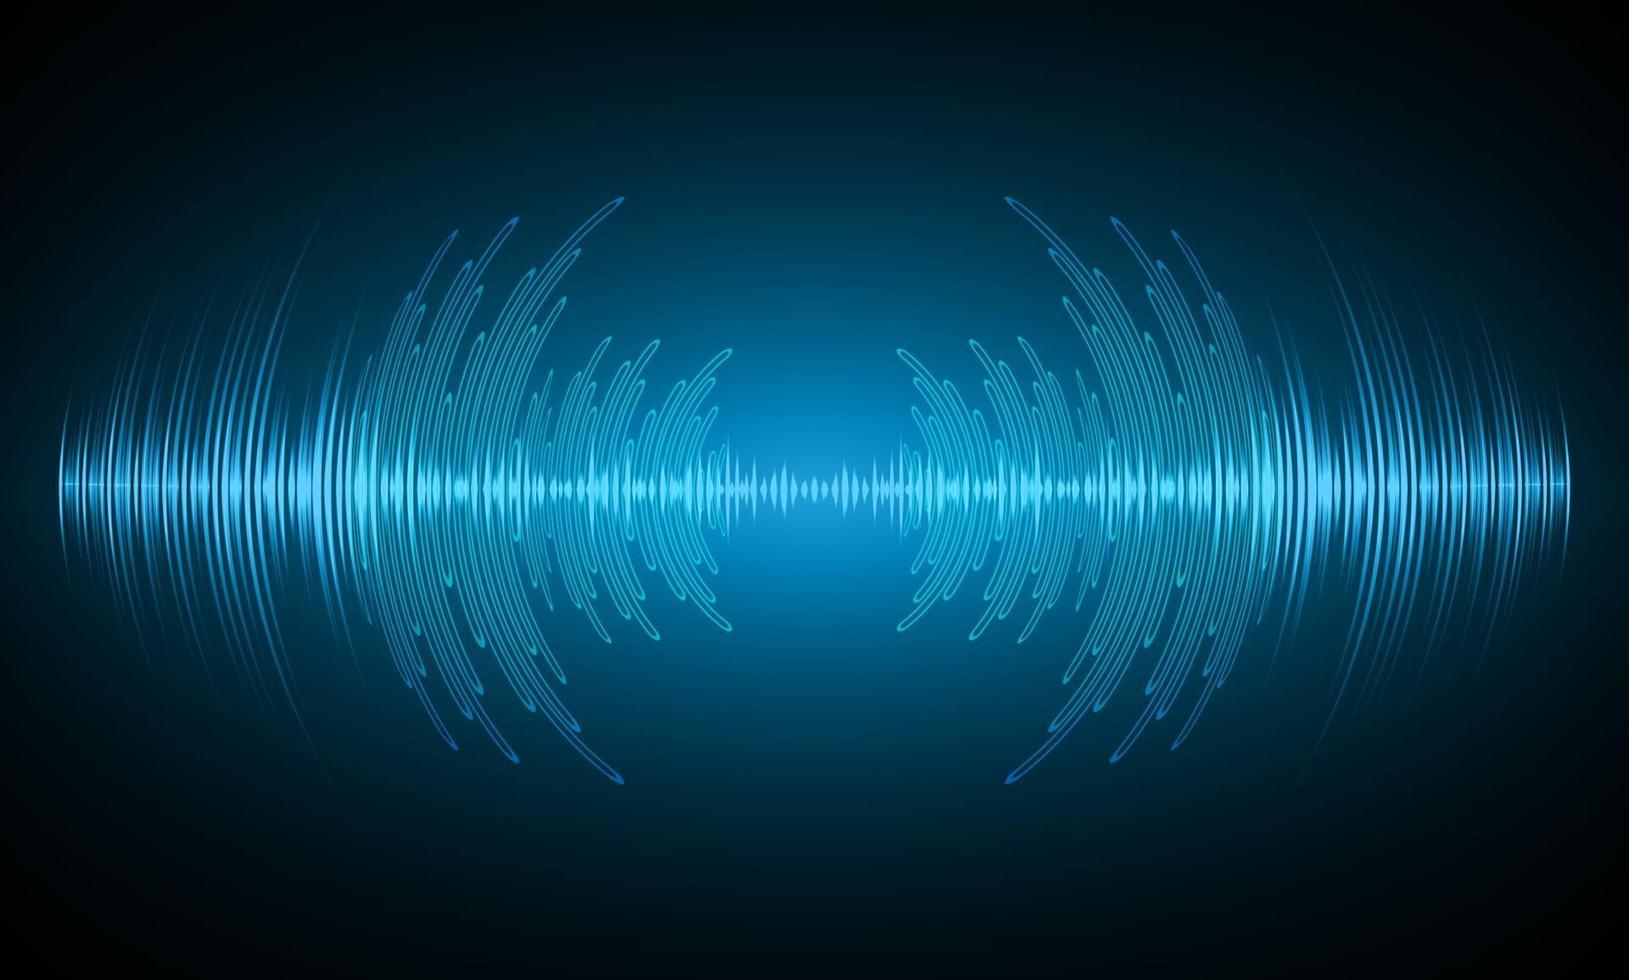 ondas de som oscilando luz escura vetor